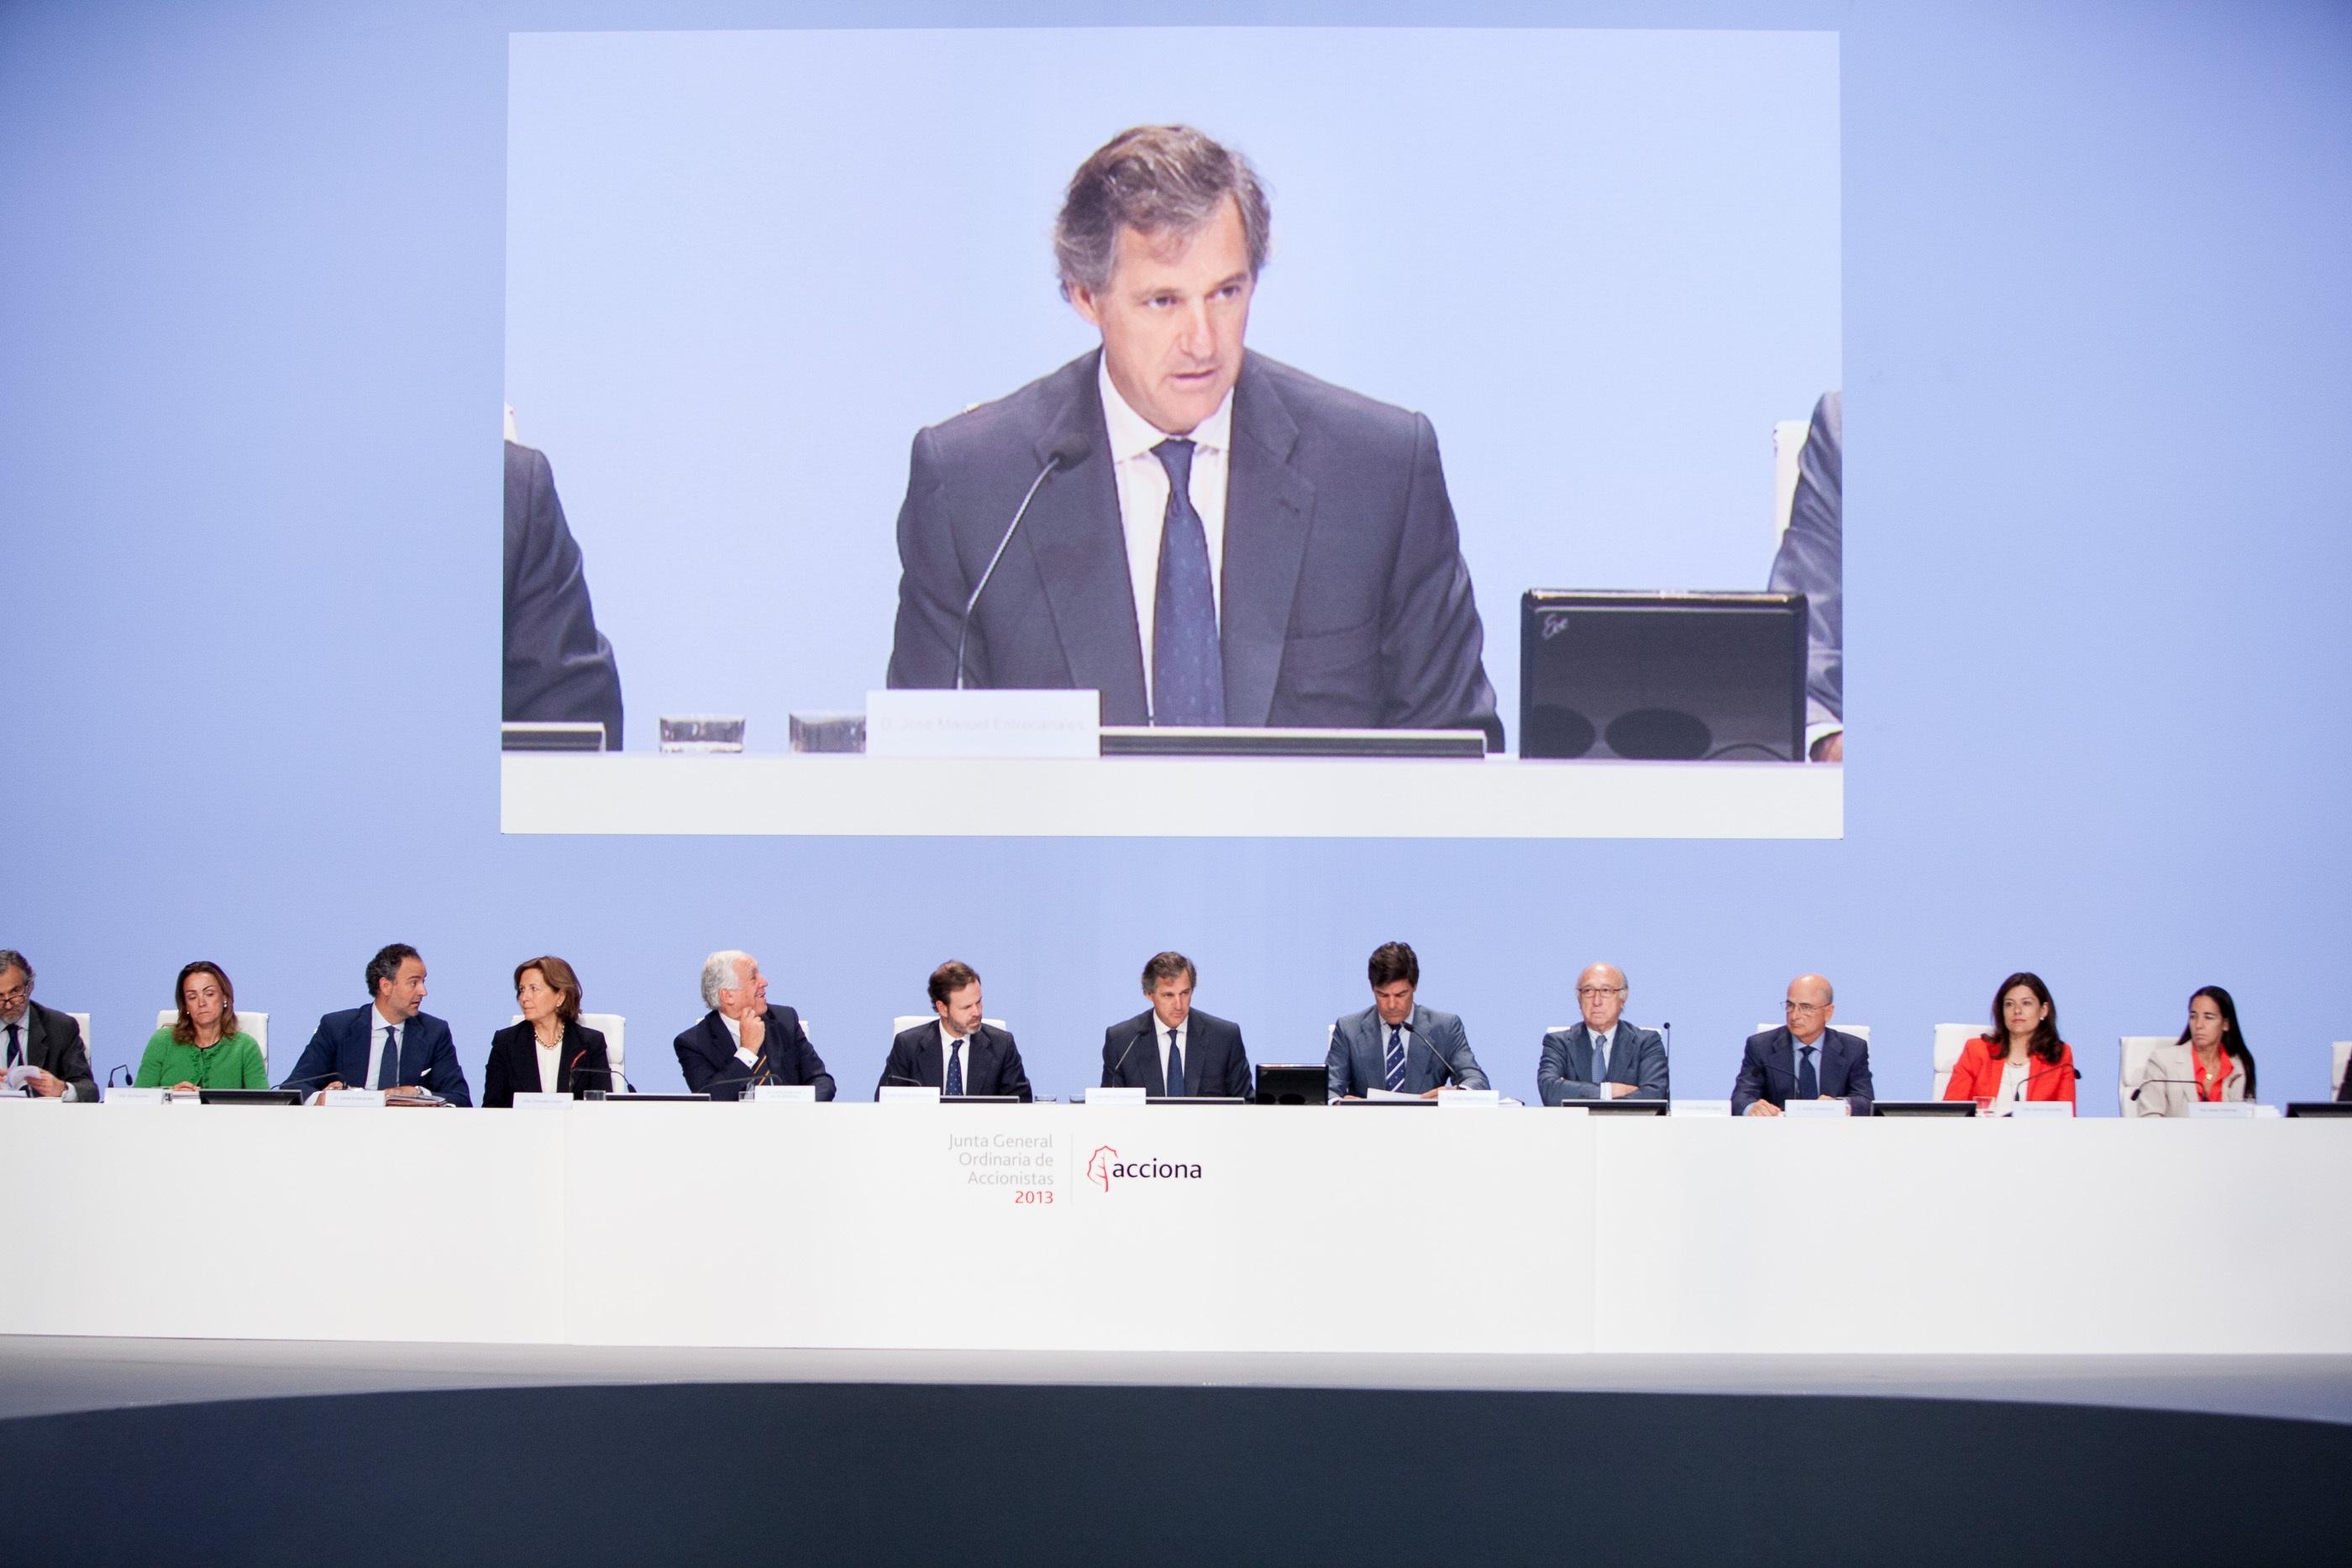 Fidelity declara una participación del 1% en Acciona valorada en unos 27 millones de euros